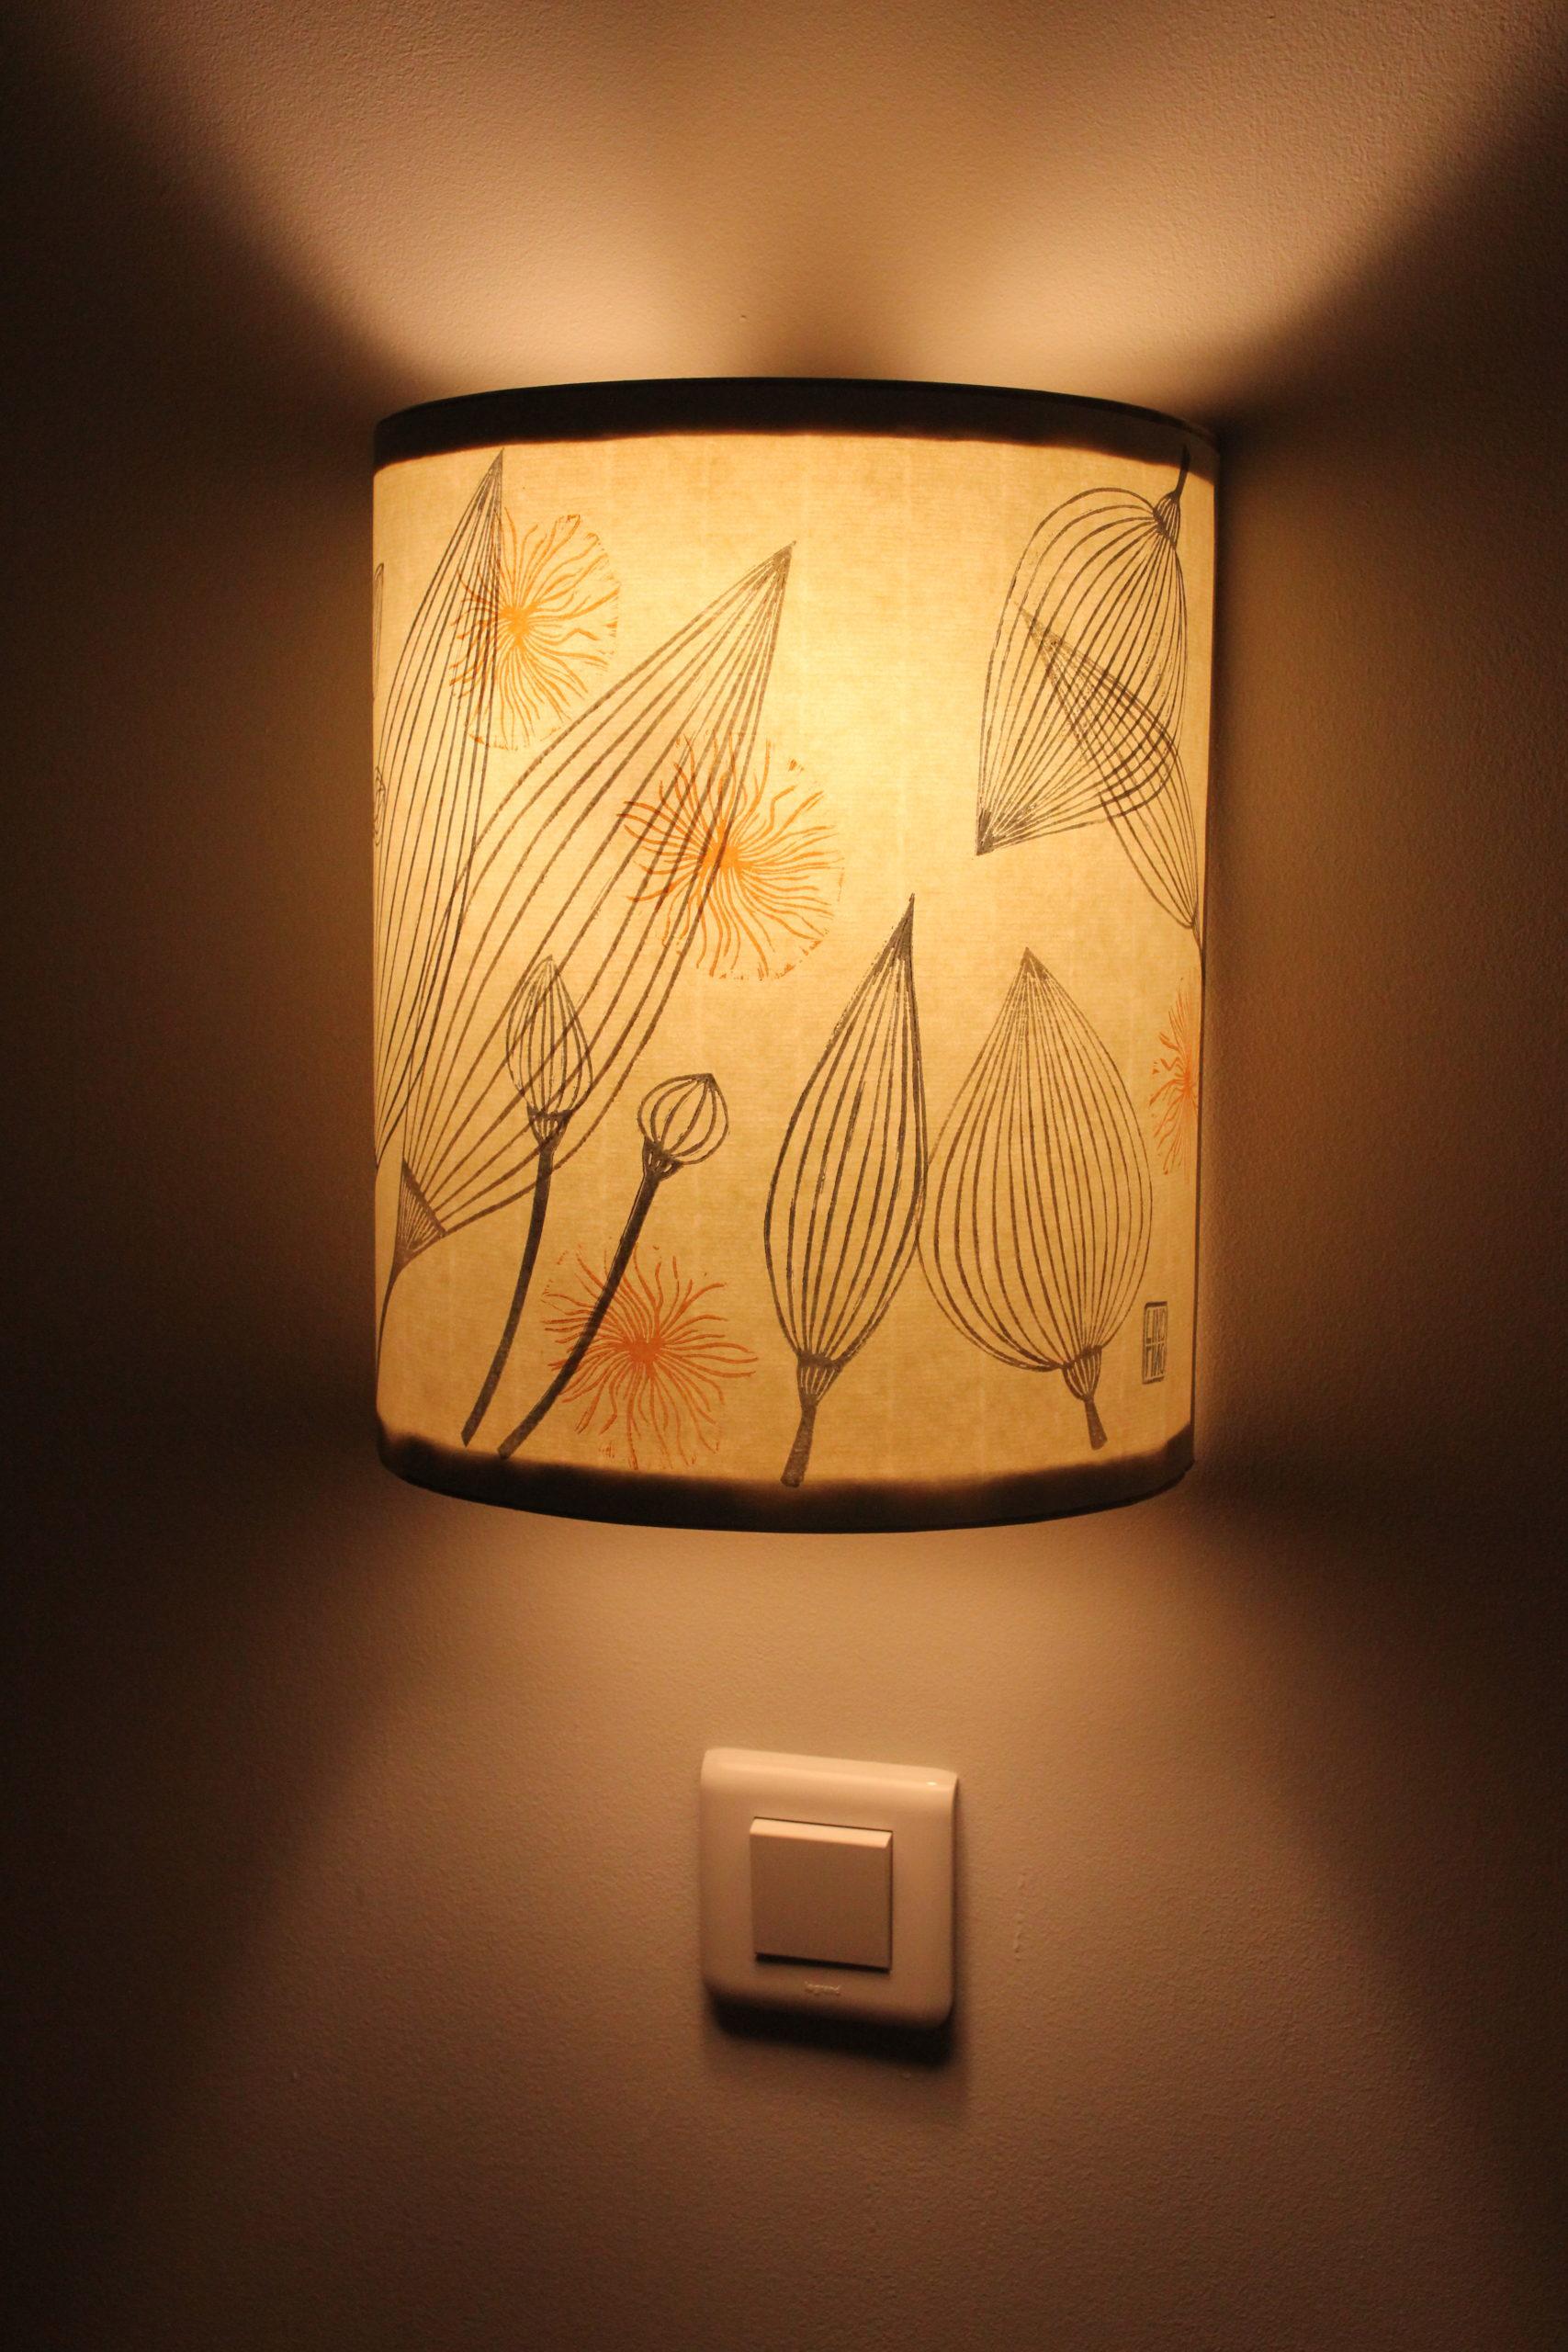 LinoLino | Linogravure et créations à partir d'impressions artisanales | Chambéry, France | Lampe applique murale linogravure fleurs et graines